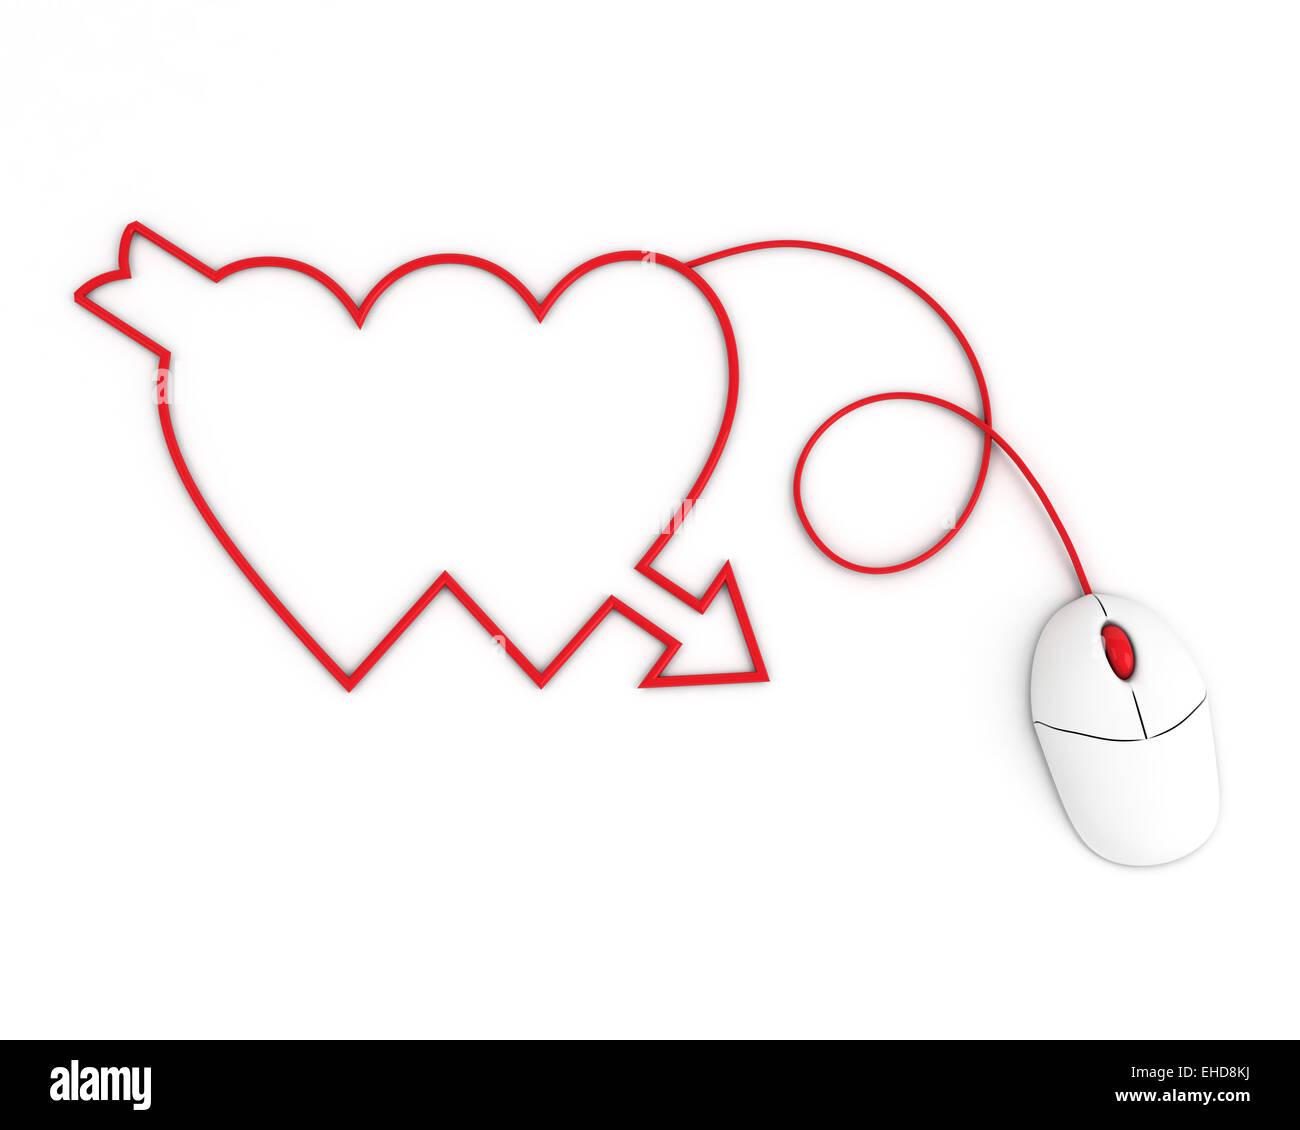 zwei Herzen dargestellt durch Computer-Maus-Kabel Stockfoto, Bild ...